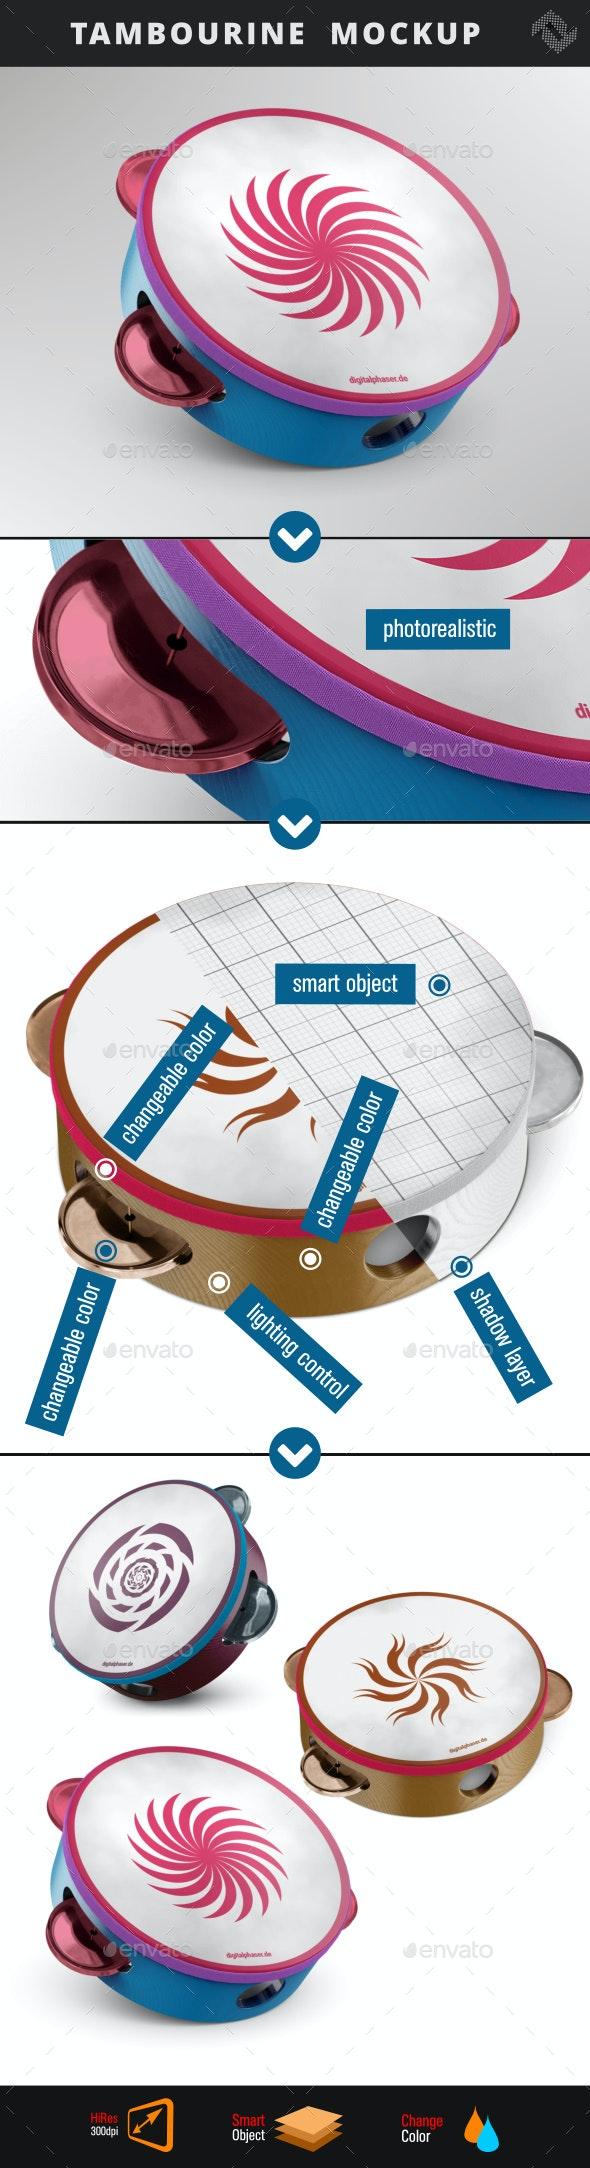 Tambourine Mockup - Product Mock-Ups Graphics